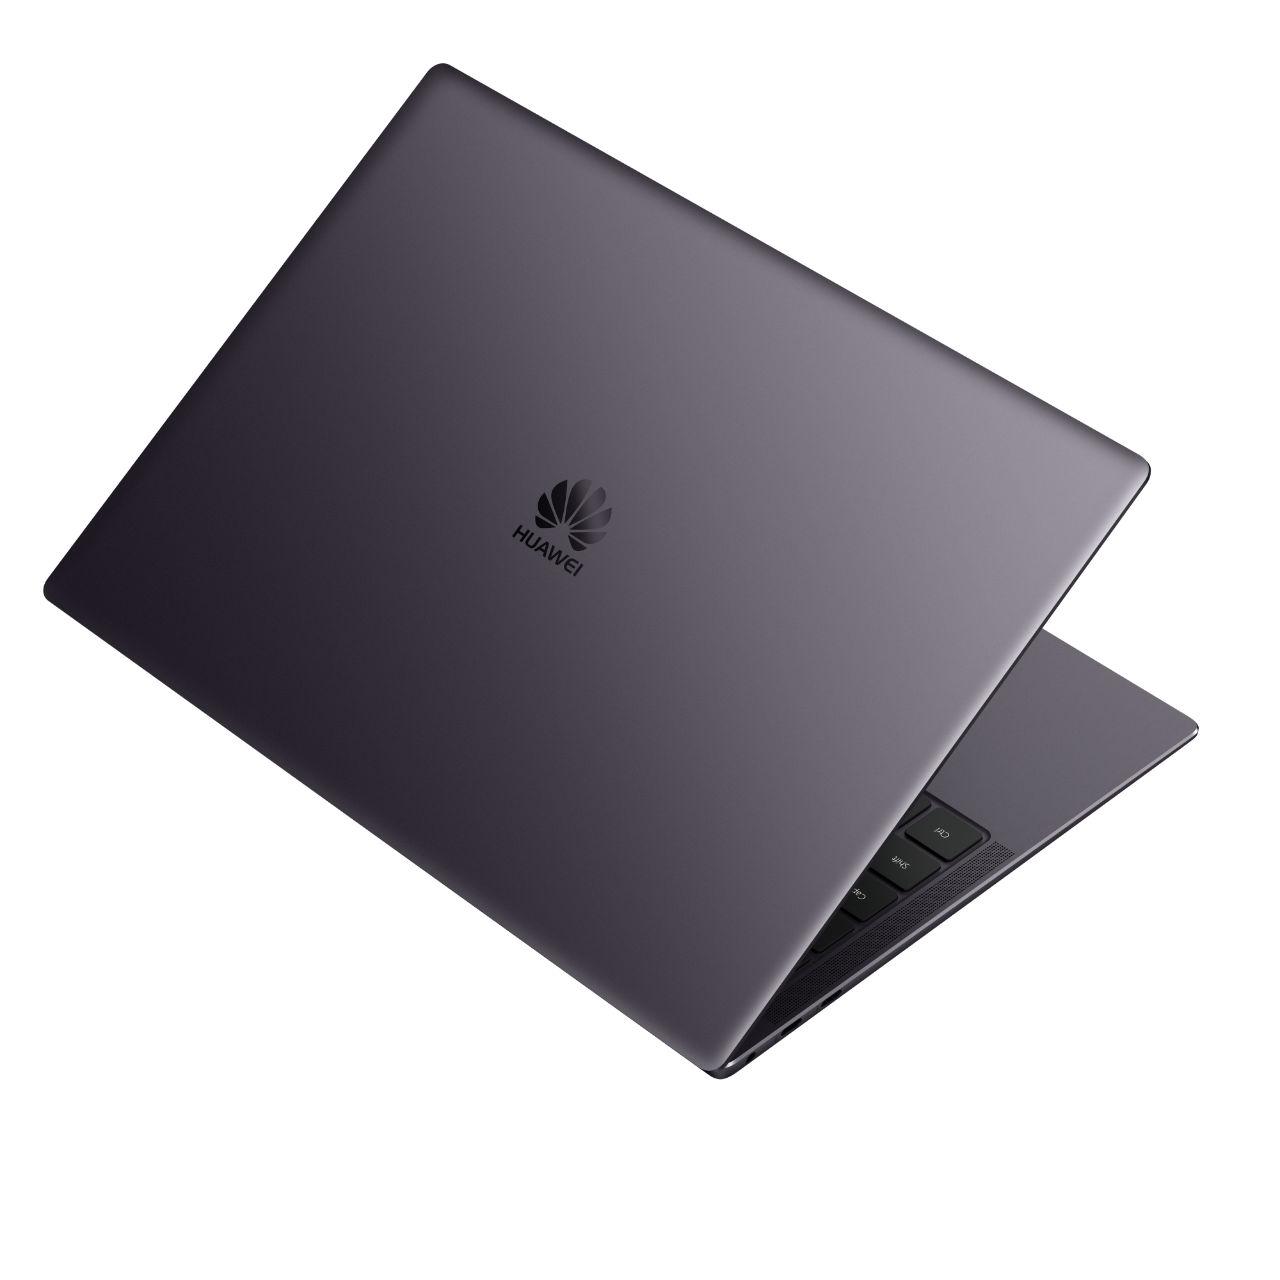 Huawei открыла в Российской Федерации предзаказ на«безрамочный» ноутбук MateBook XPro